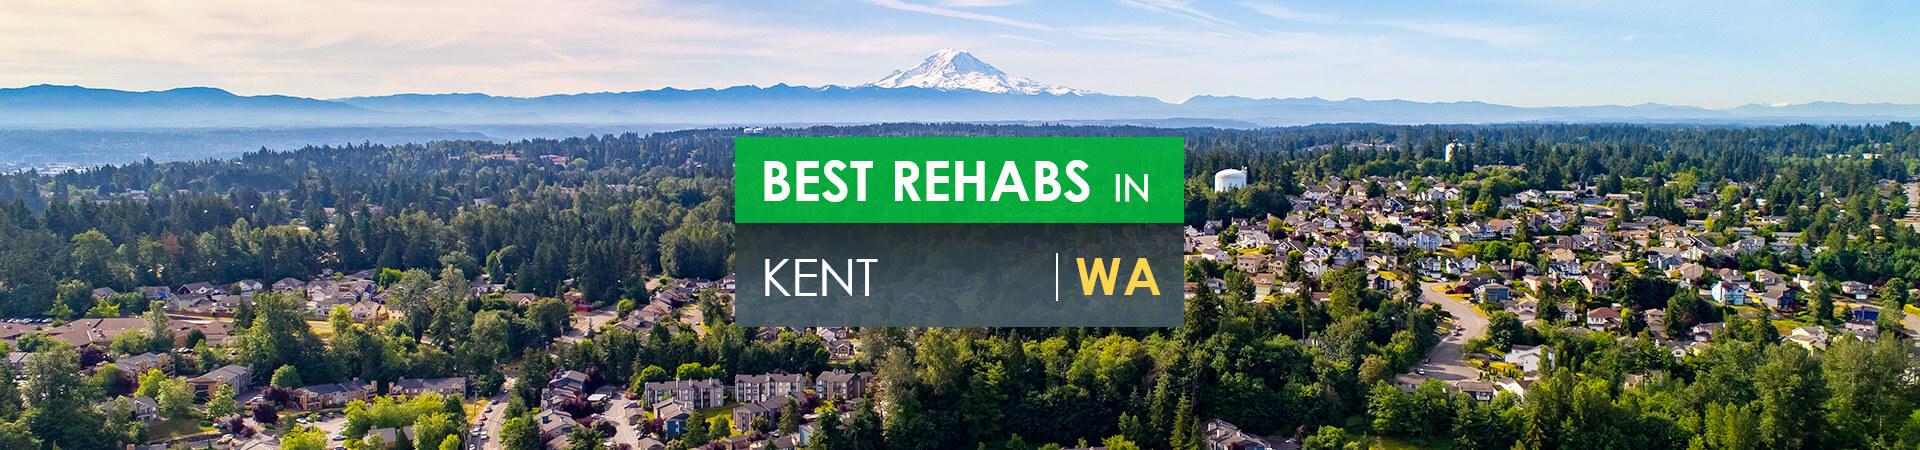 Best rehabs in Kent, WA